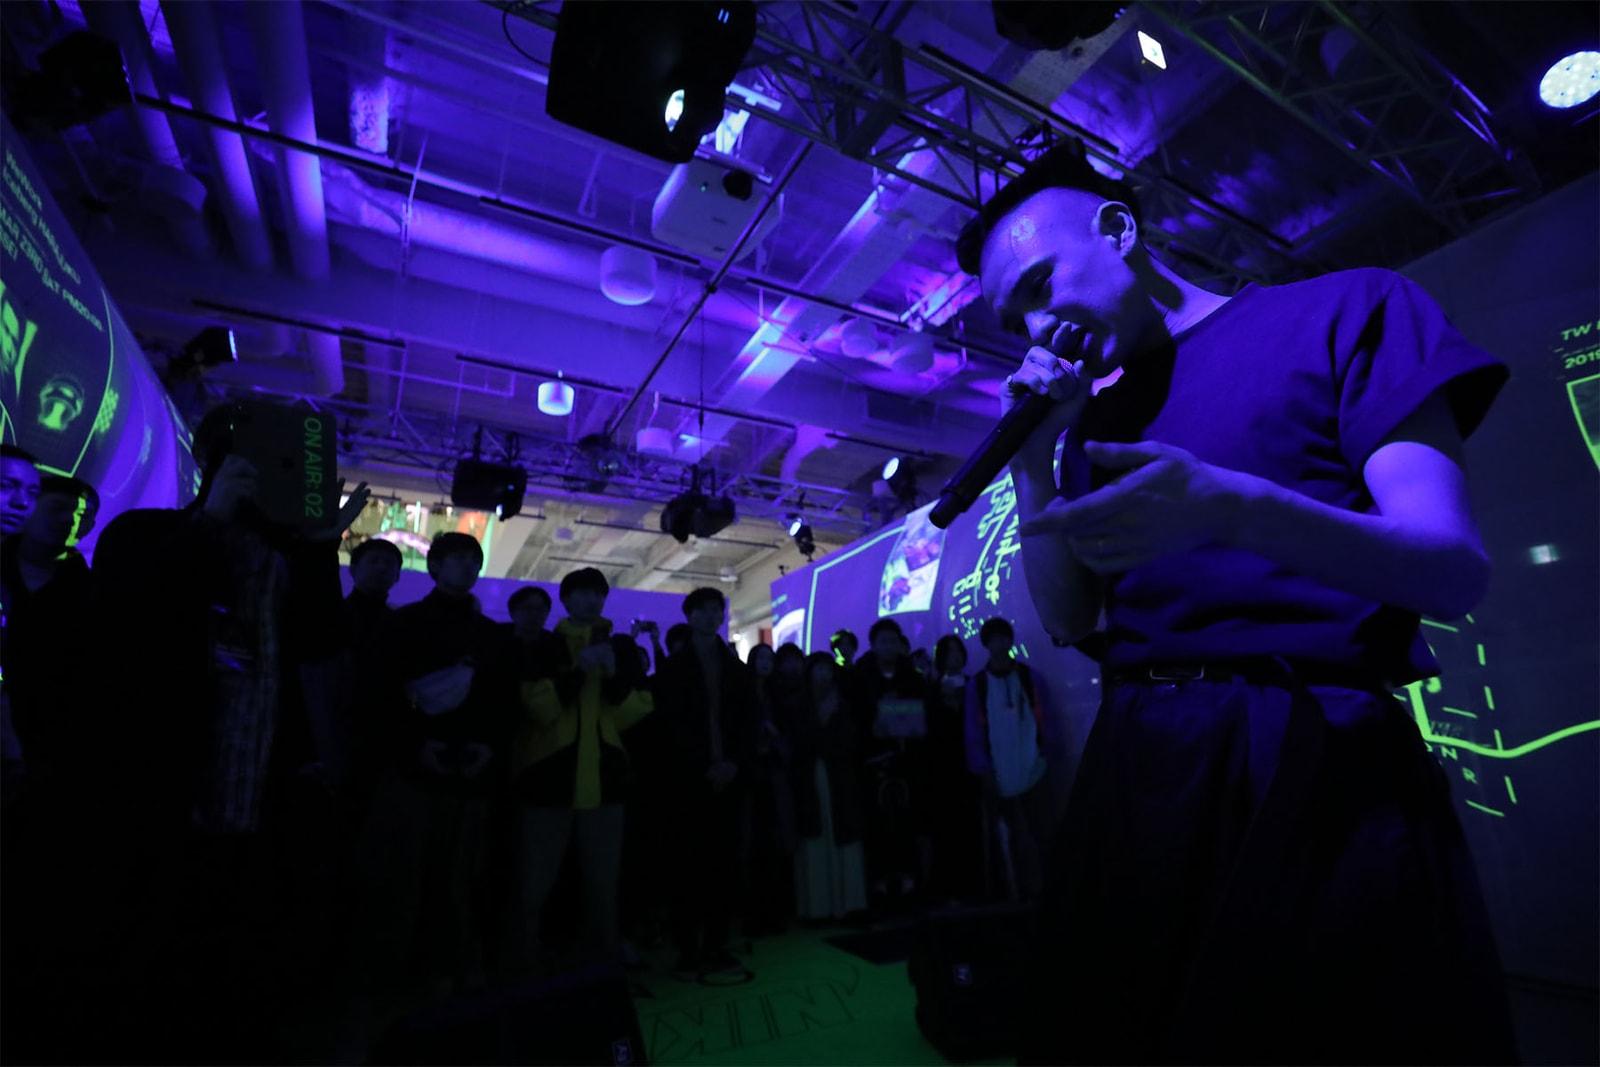 ナイキ x キッドフレシノ x 山田 智和 Nike KID FRESINO tomokazu yamada air max 720 air max day The Tokyo Department